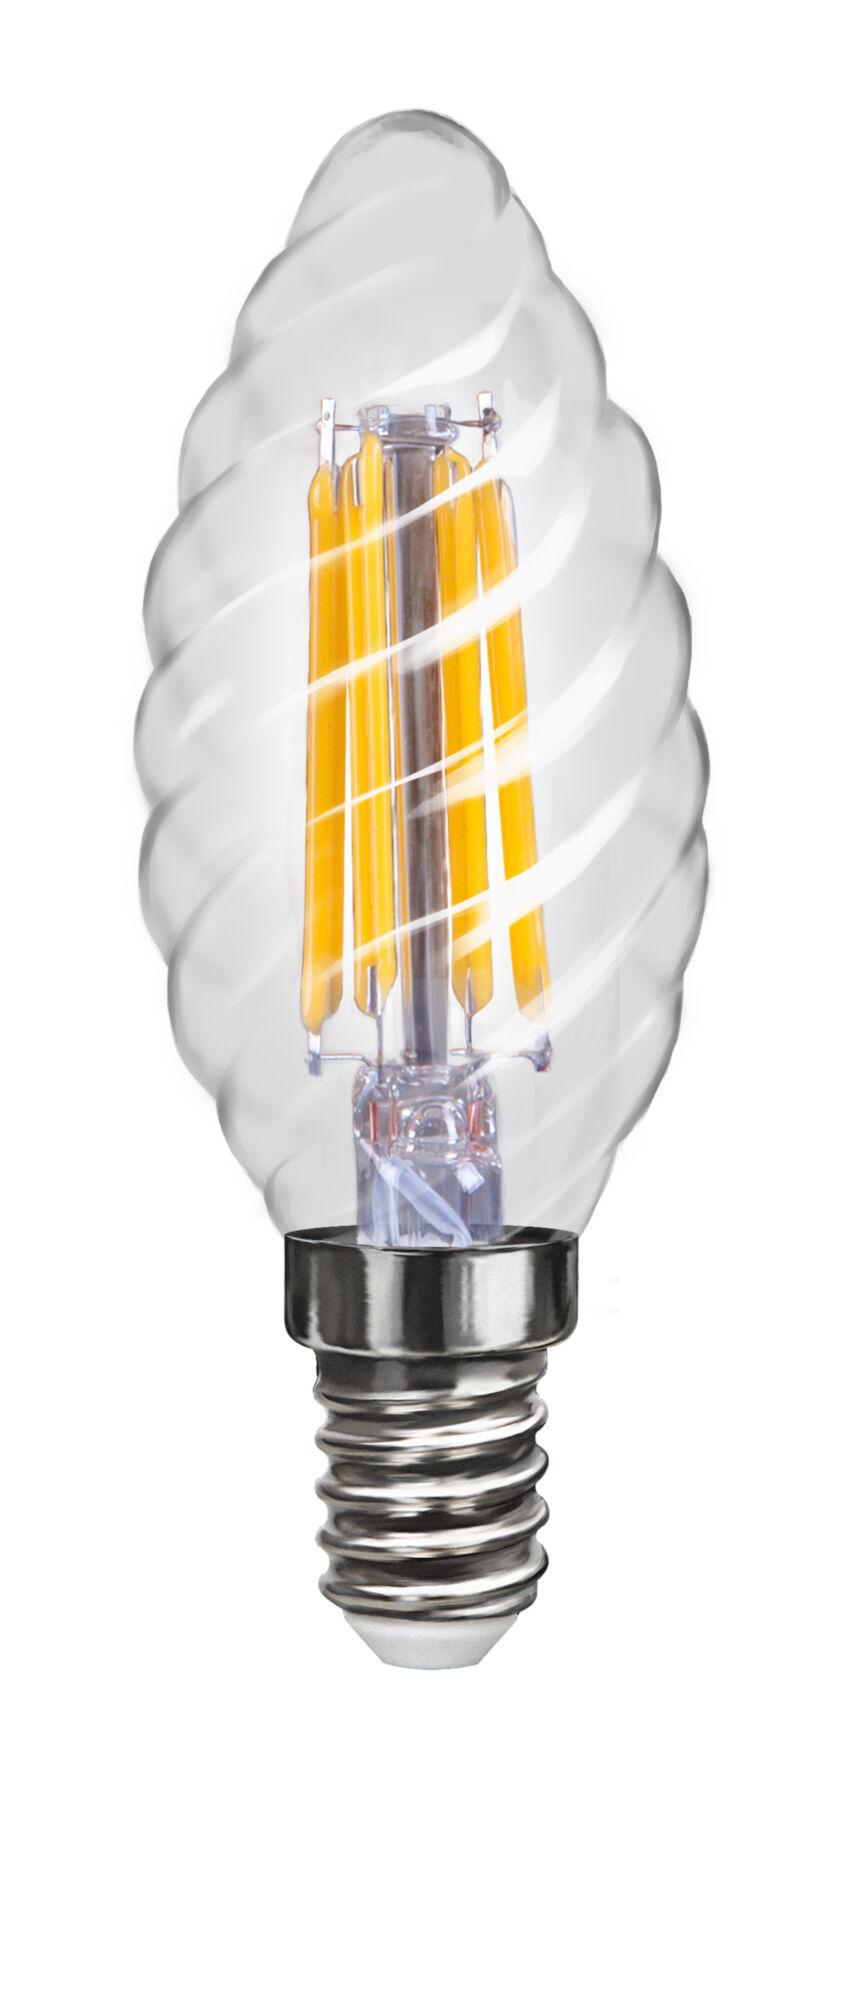 Филаментная светодиодная лампа Voltega VG1-CC1E14cold4W-F 4670 витая свеча E14 4W, 4000K (дневной), гарантия 3 года - фото 1